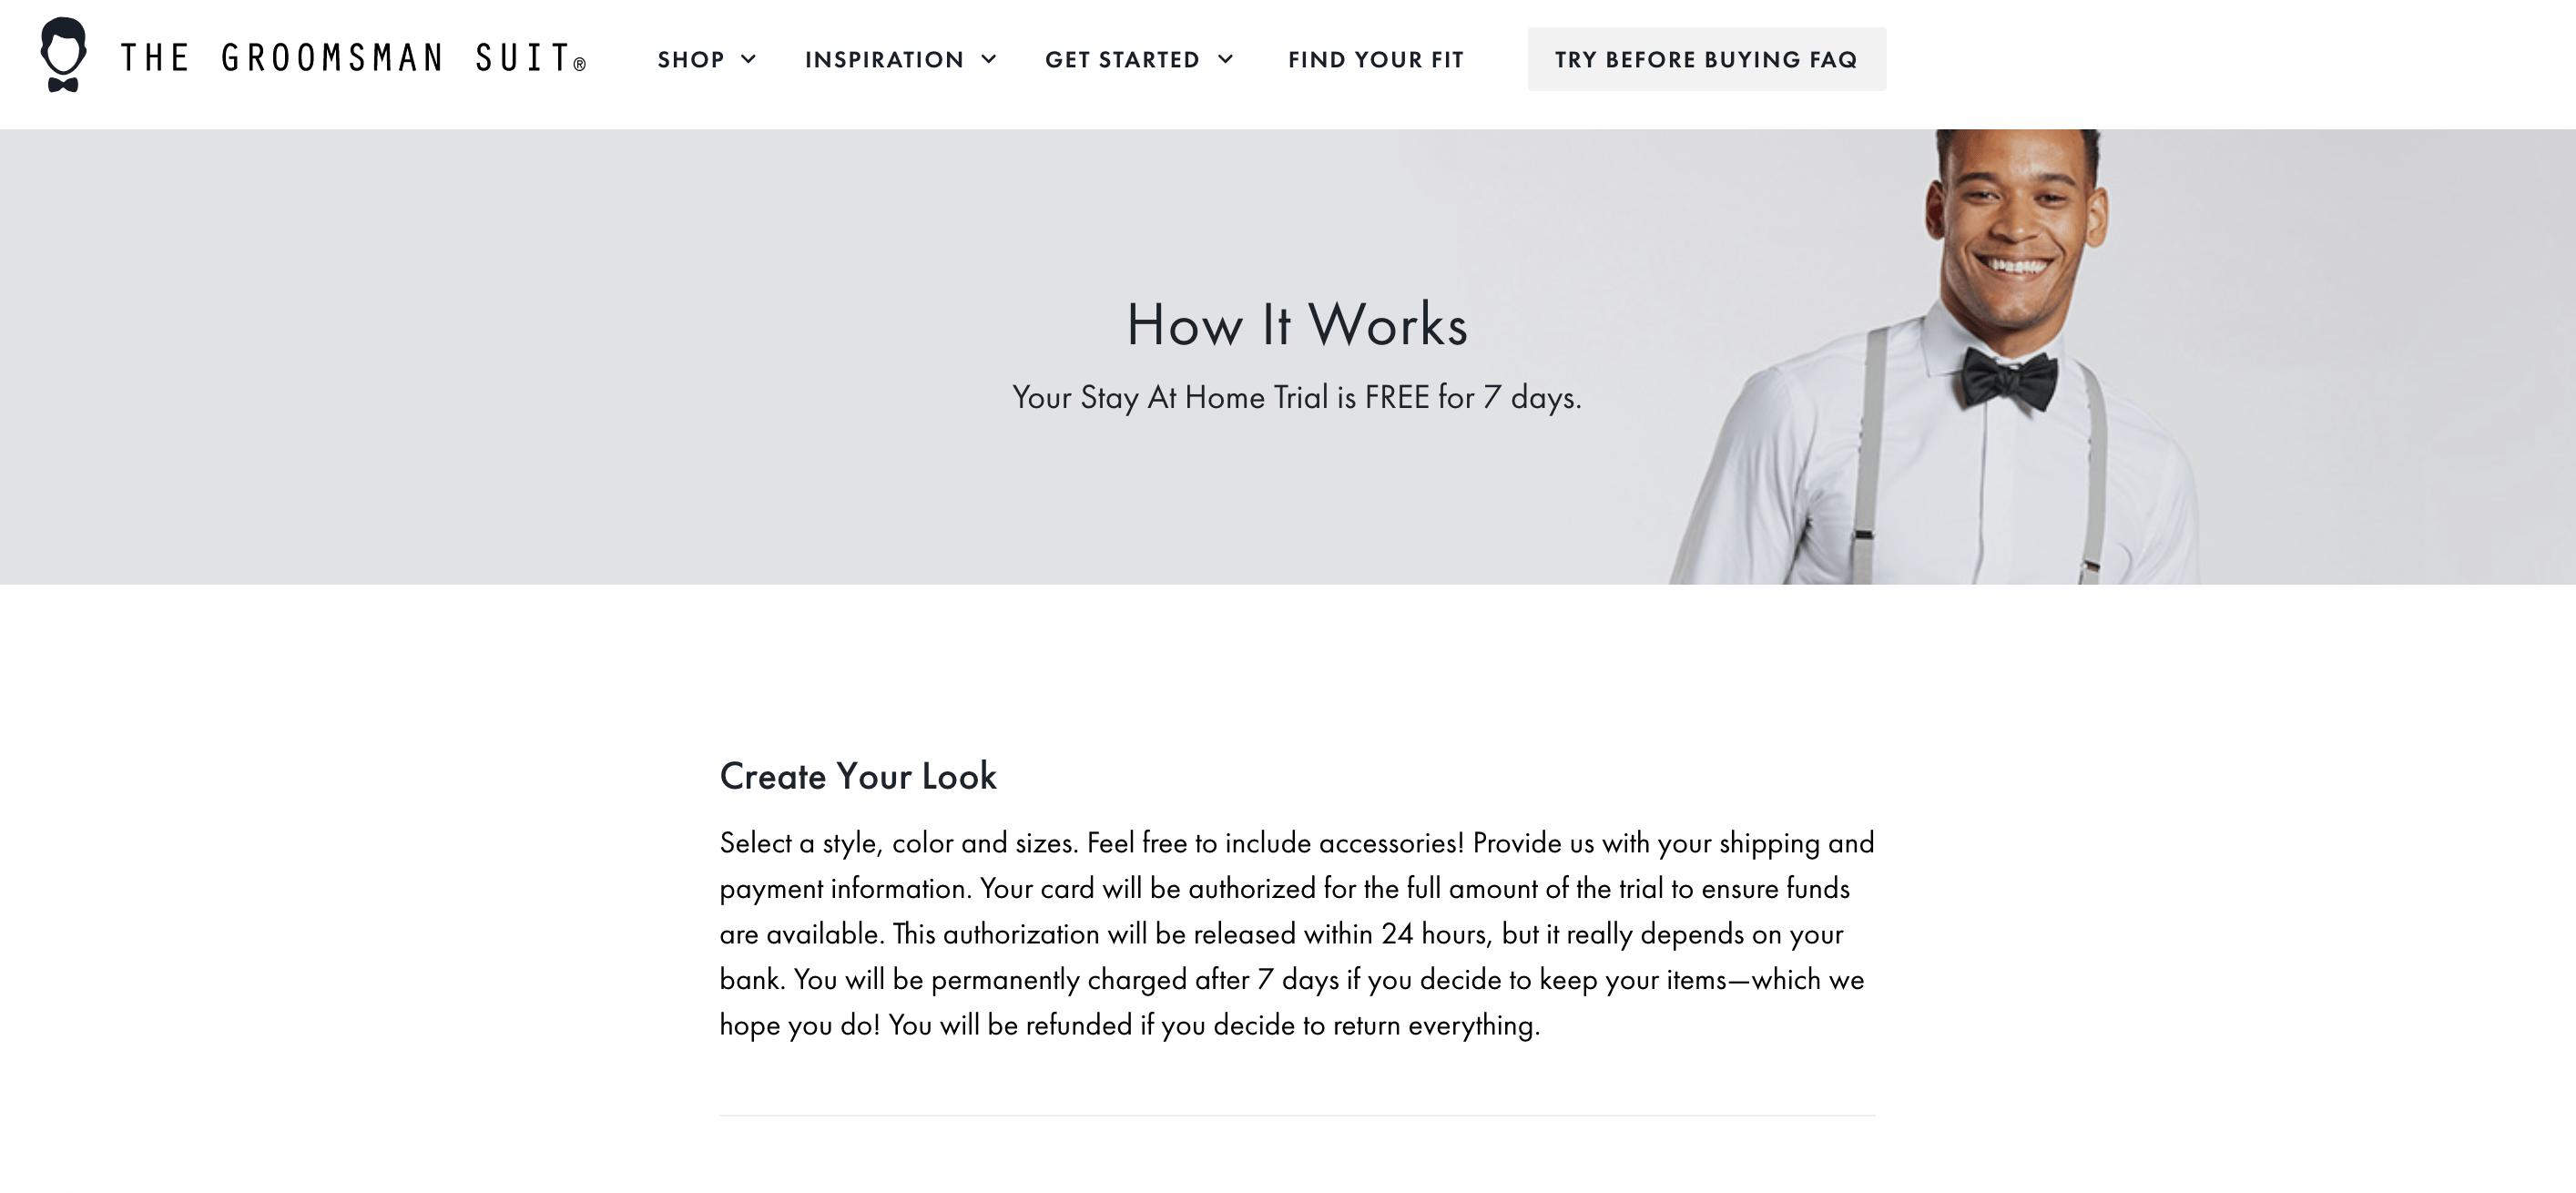 The Groomsmen Suit website